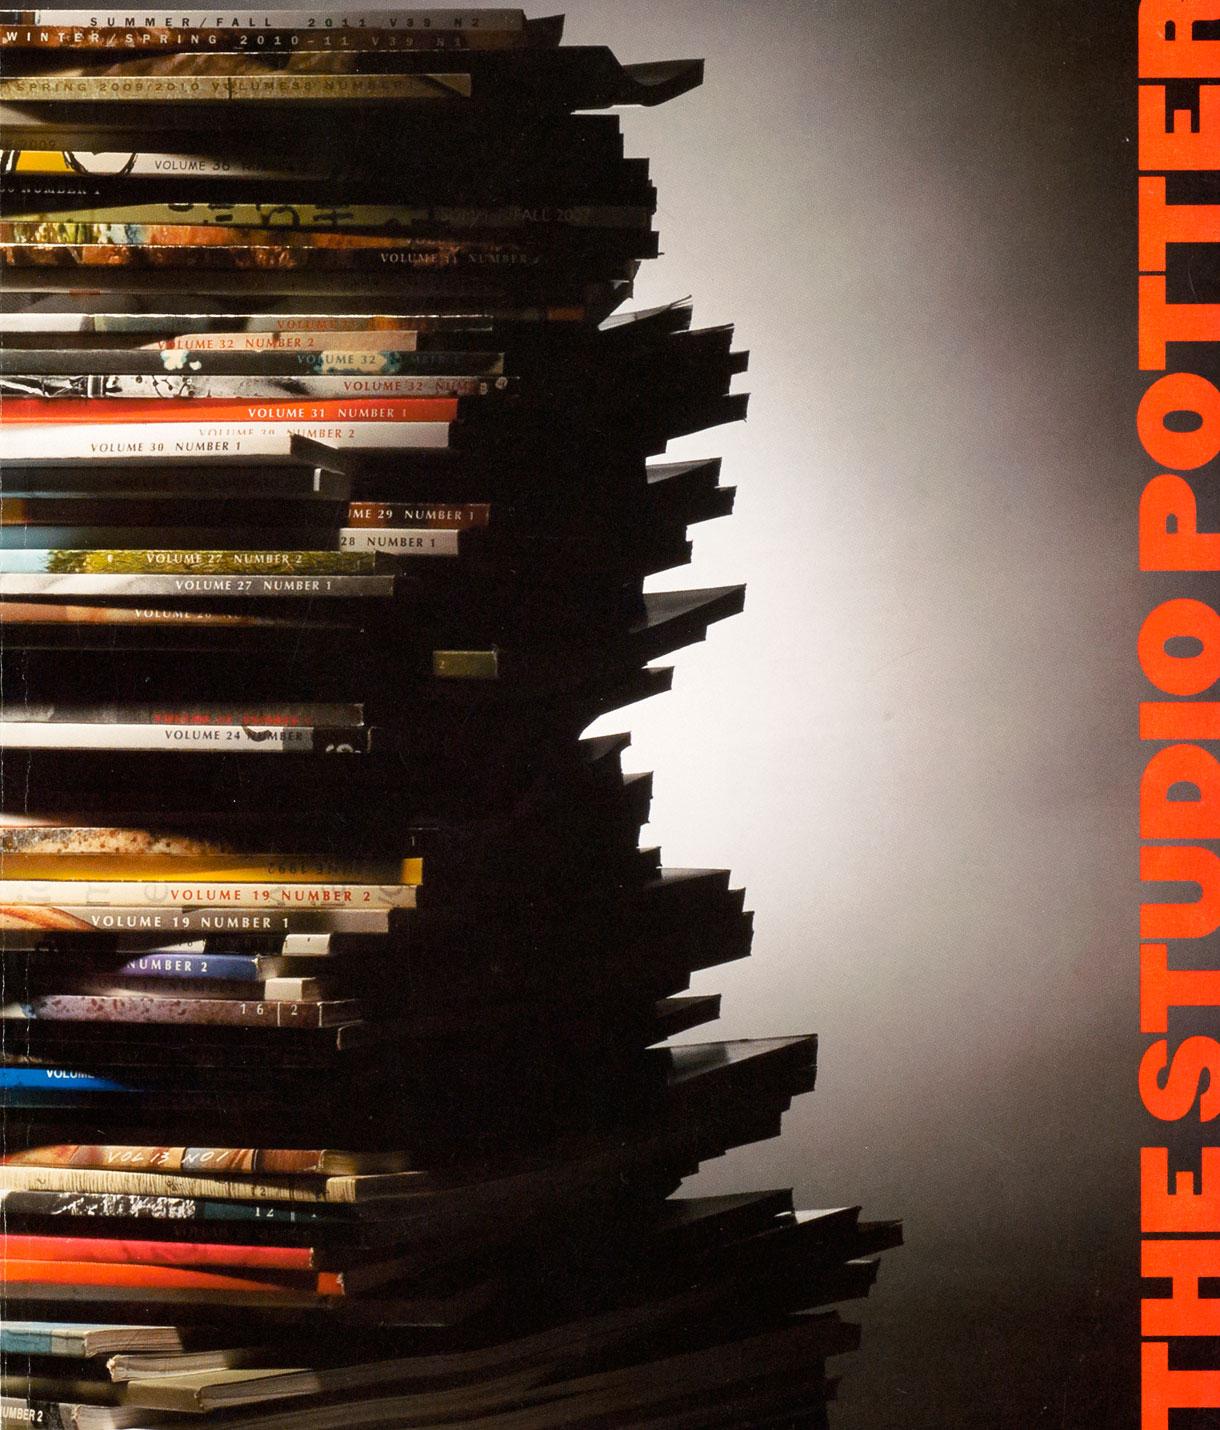 Cover, Vol. 40, No. 1, 2011